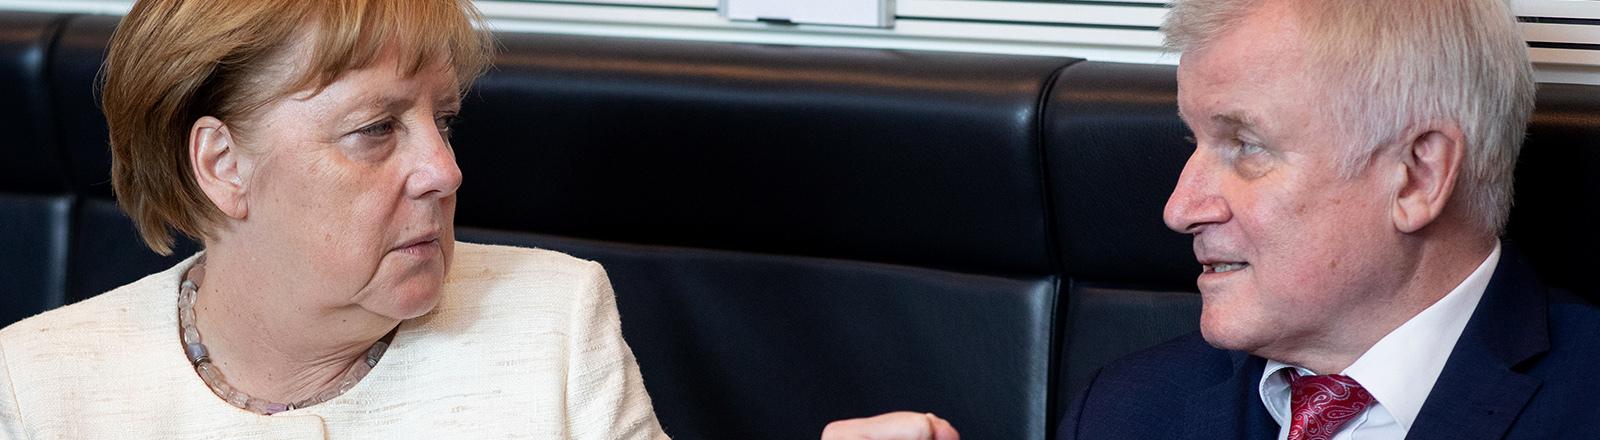 Merkel und Seehofer - Seehofer ballt die Faust